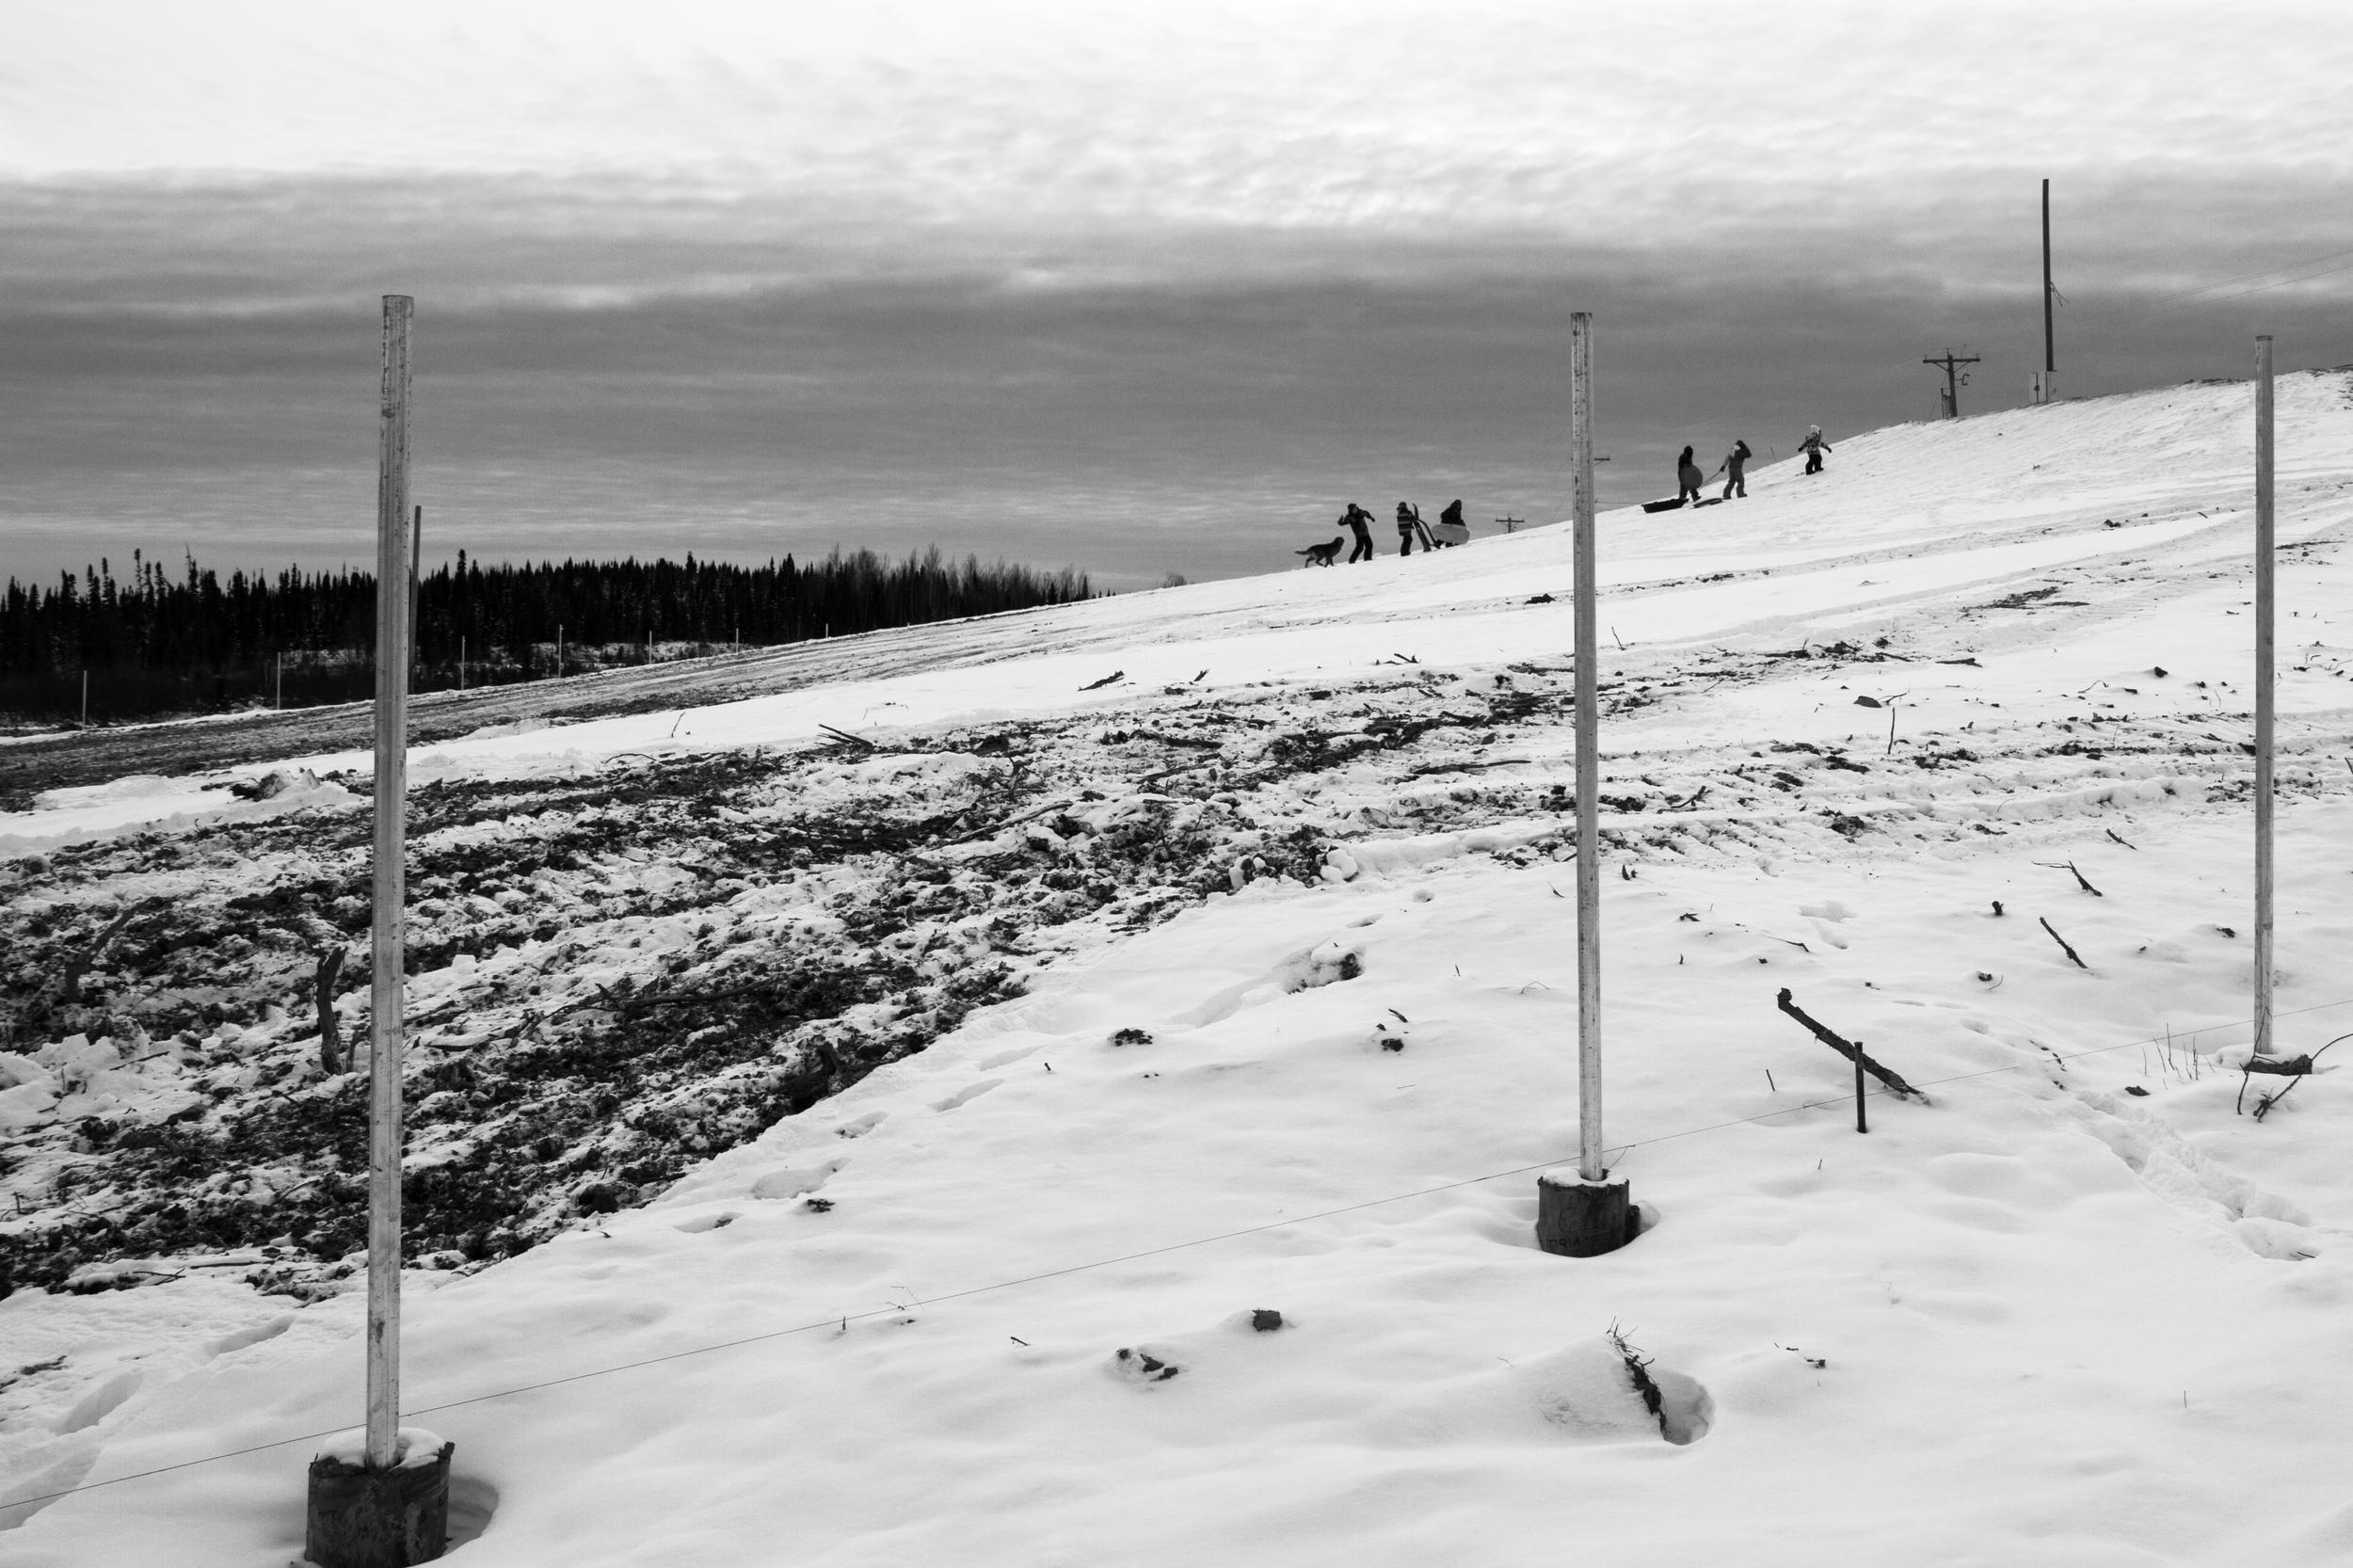 Des enfants s'amusent à glisser  après la première neige de l'année